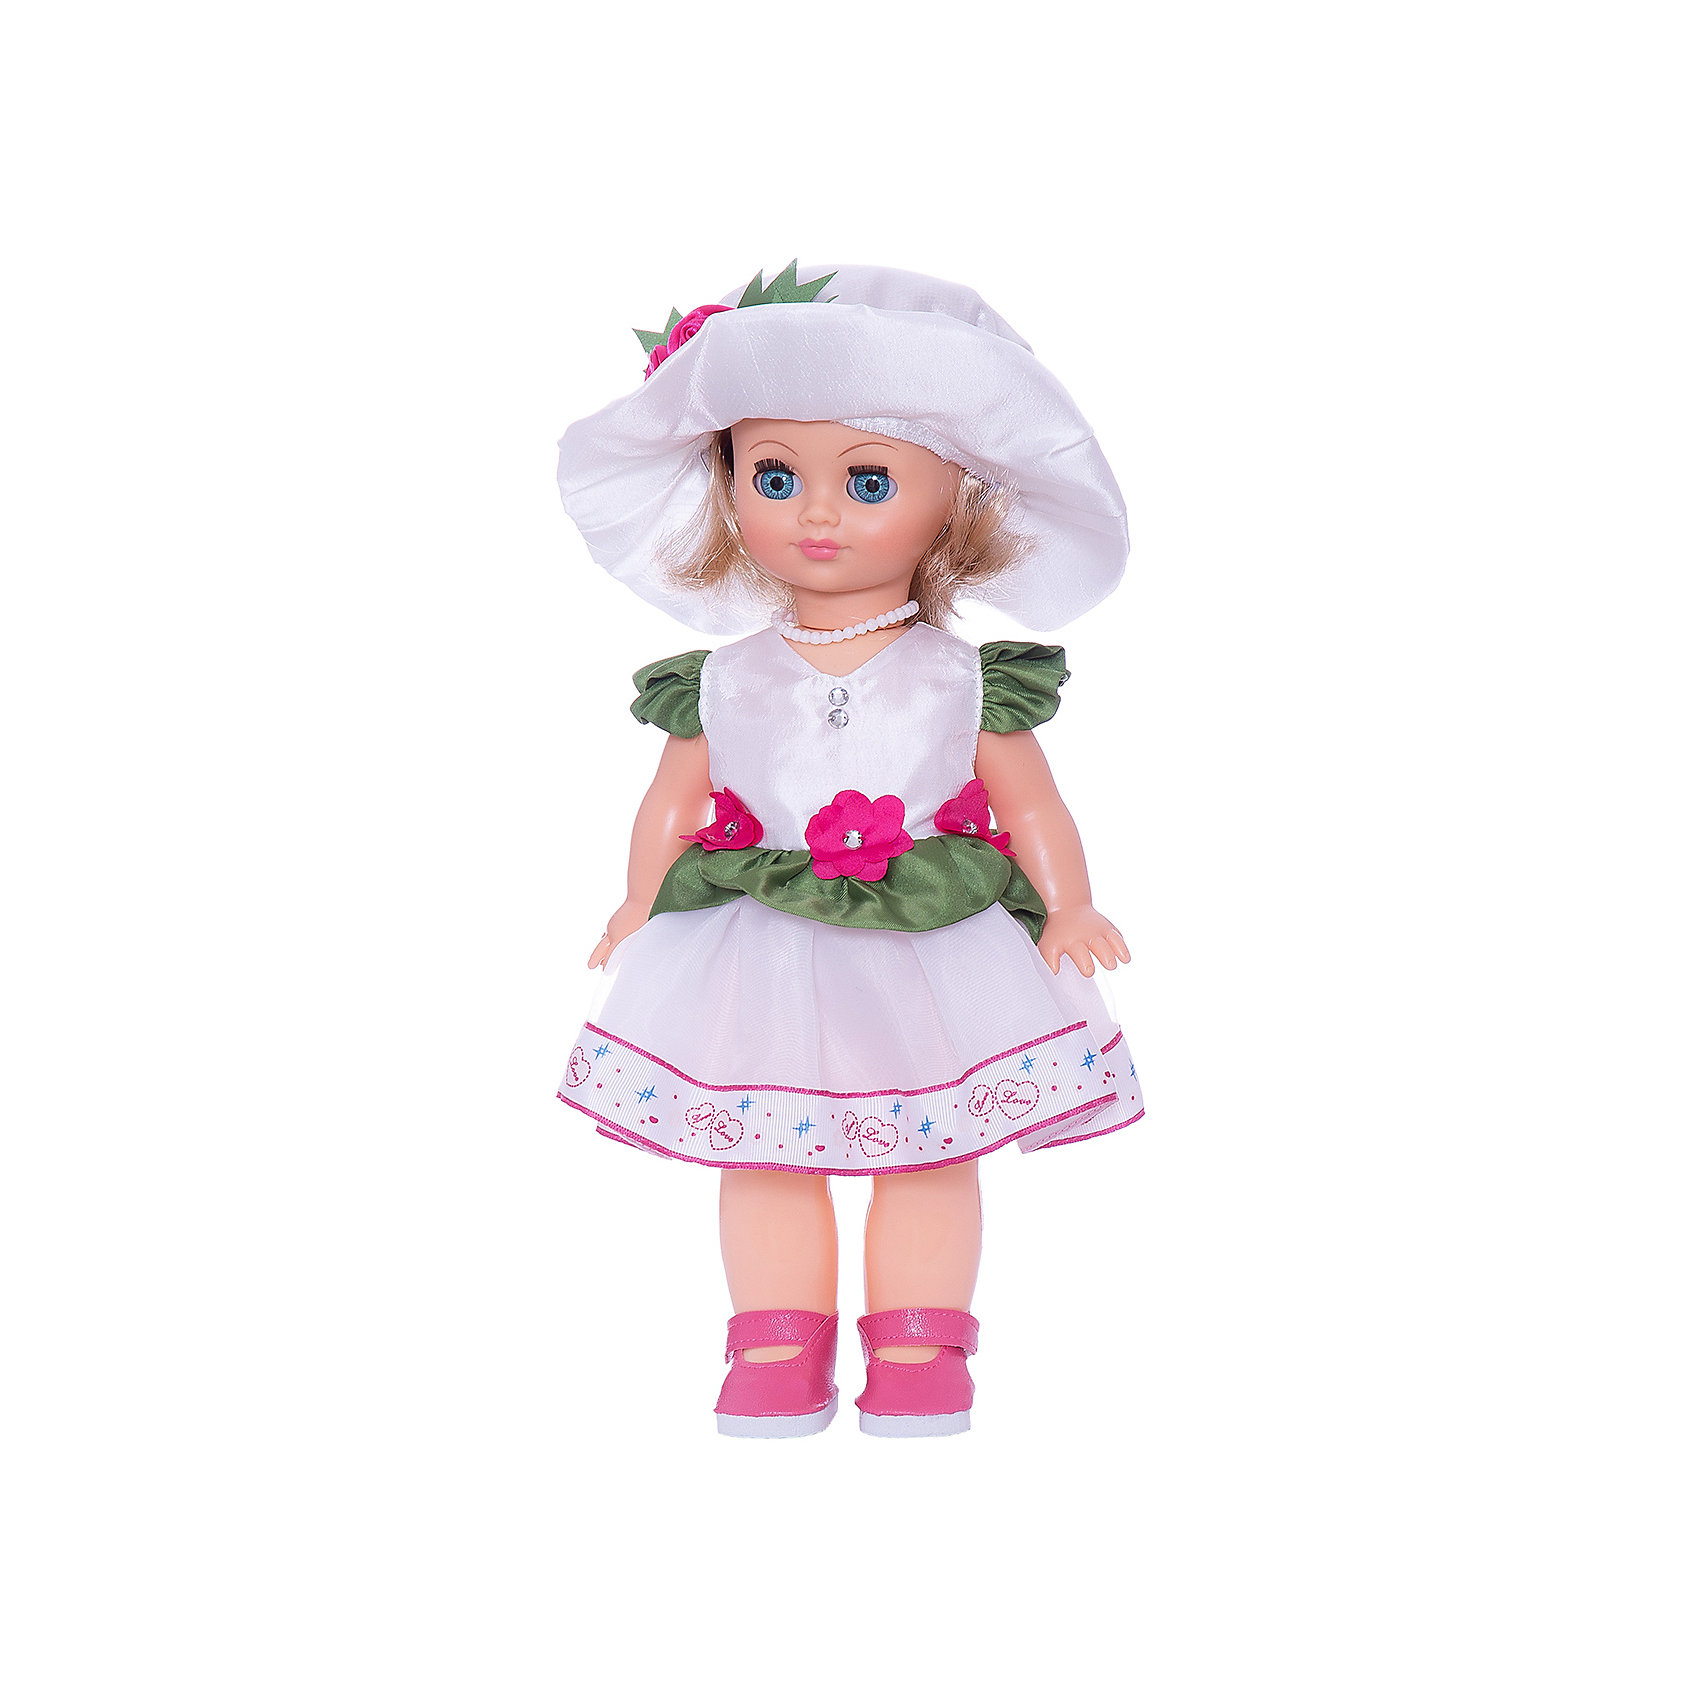 Весна Кукла Элла 16, со звуком, Весна весна милана 5 со звуком в2203 о